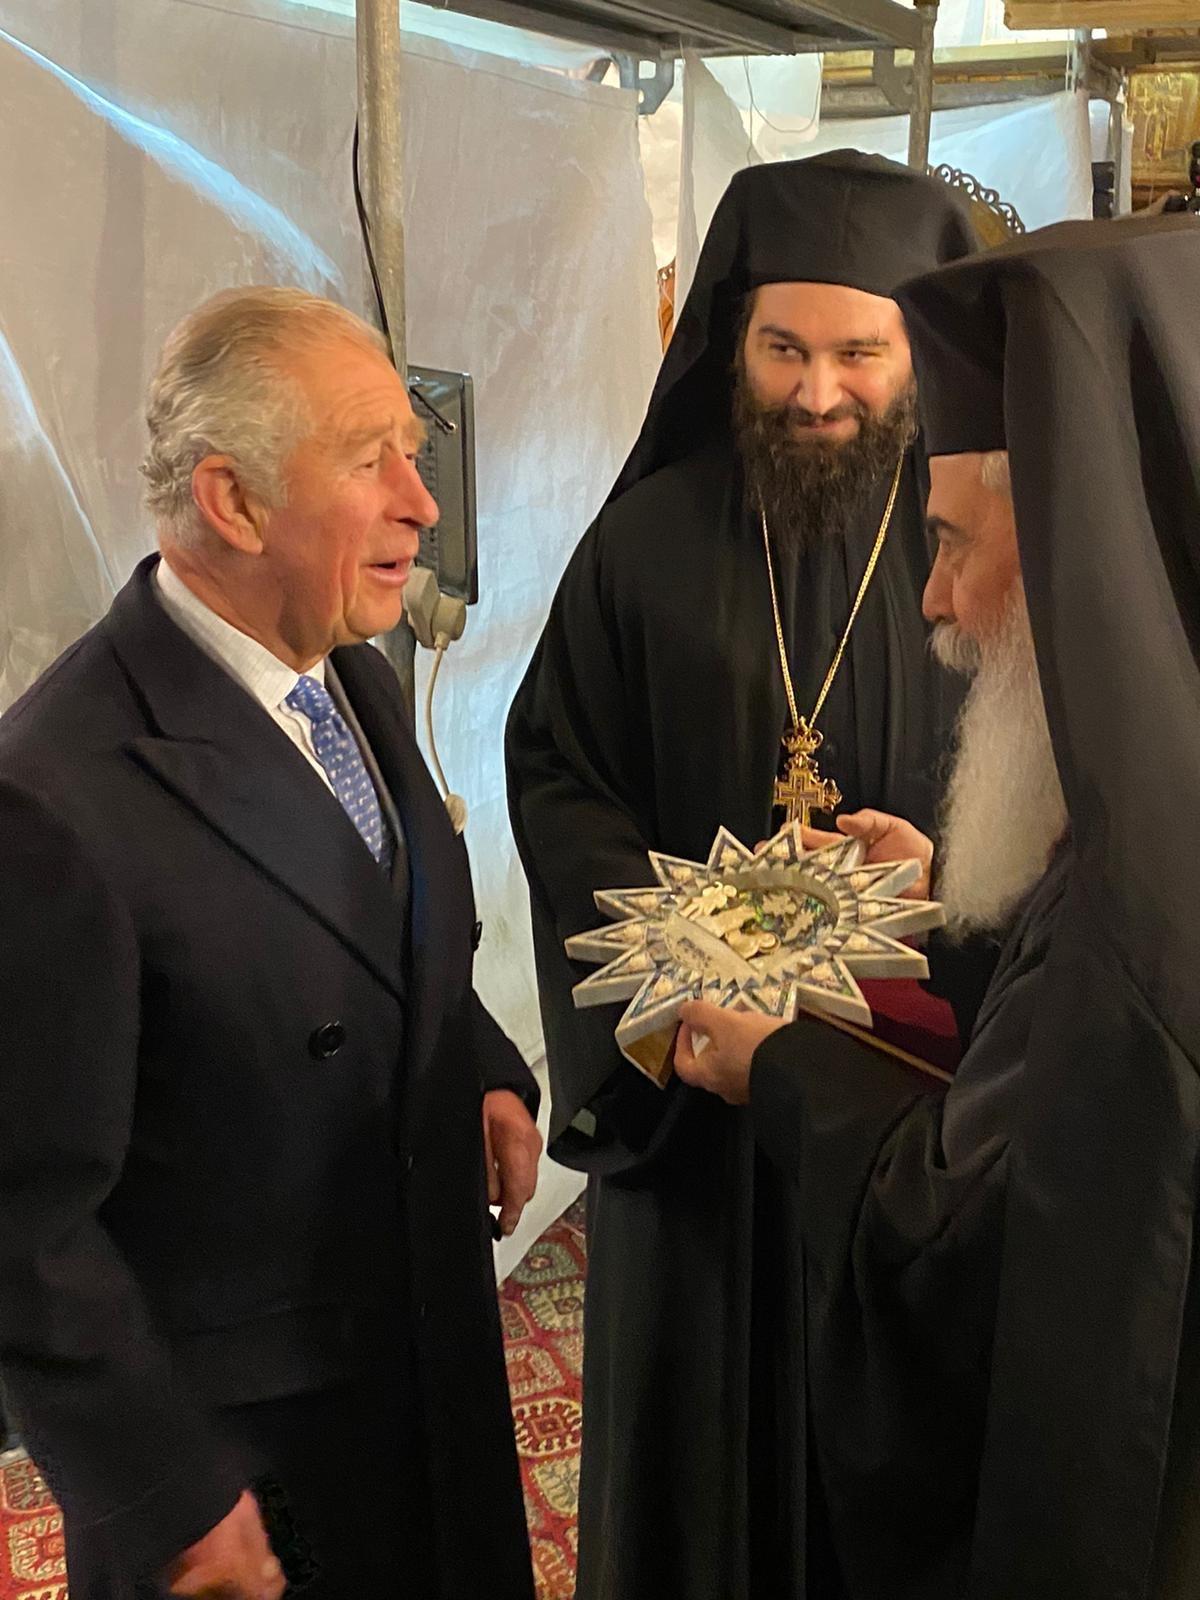 رؤساء كنائس الأراضي المقدسة يستقبلون ولي العهد البريطاني في بيت لحم